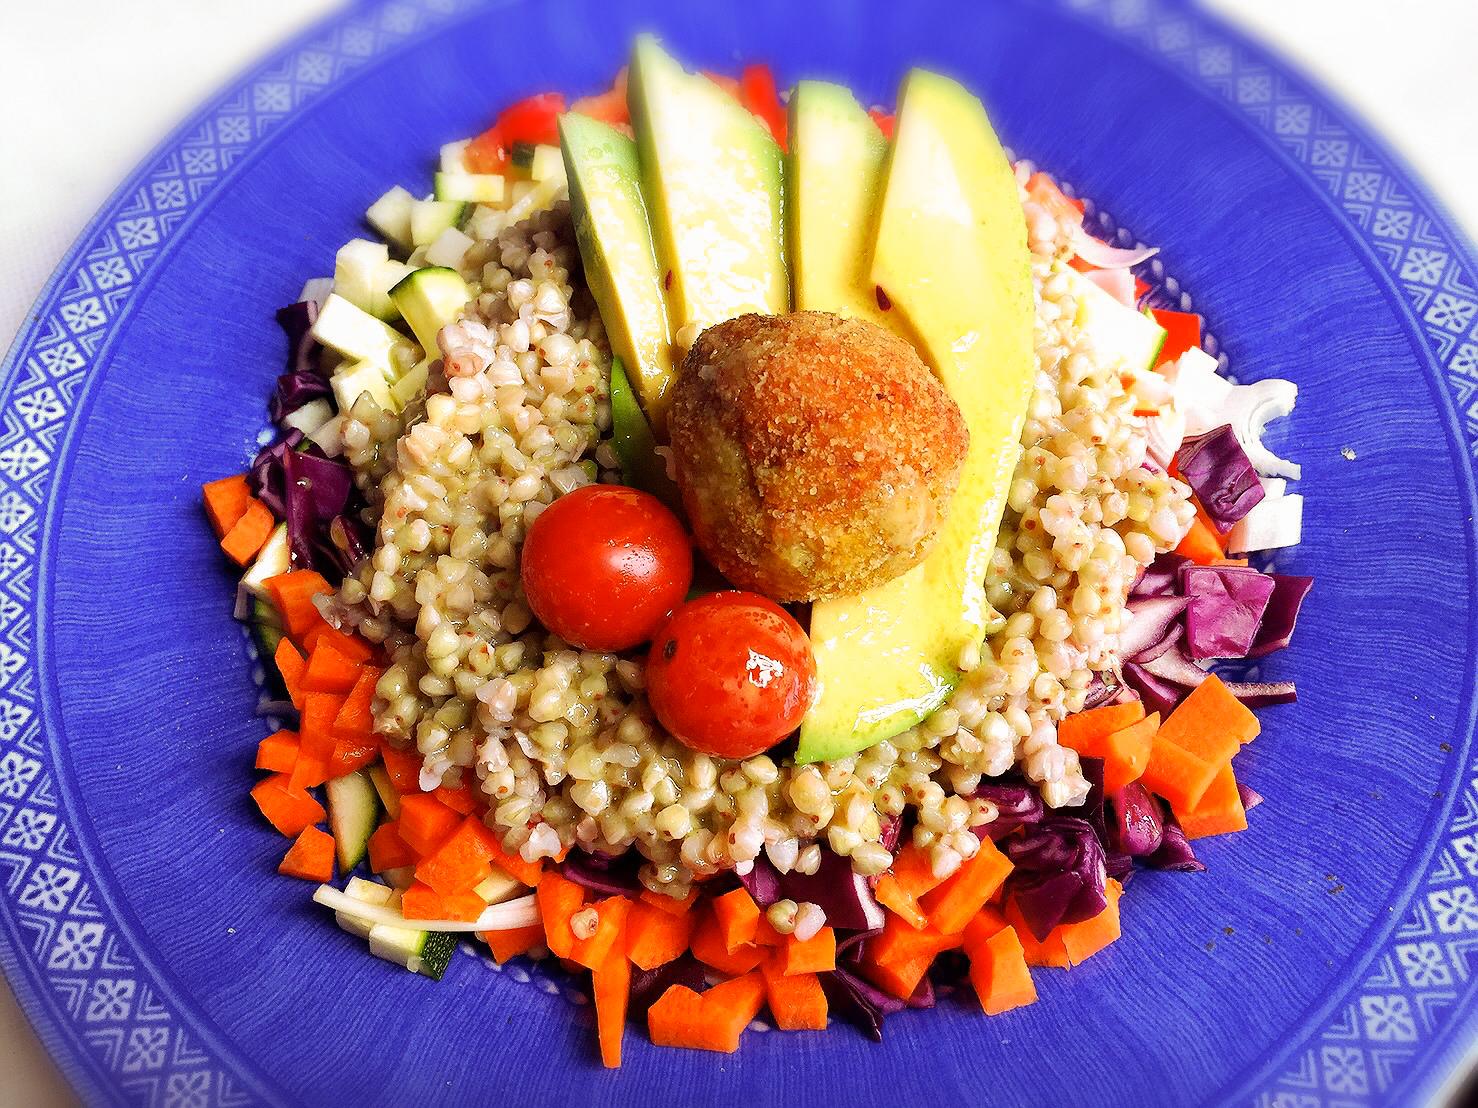 ensalada-veganisimo